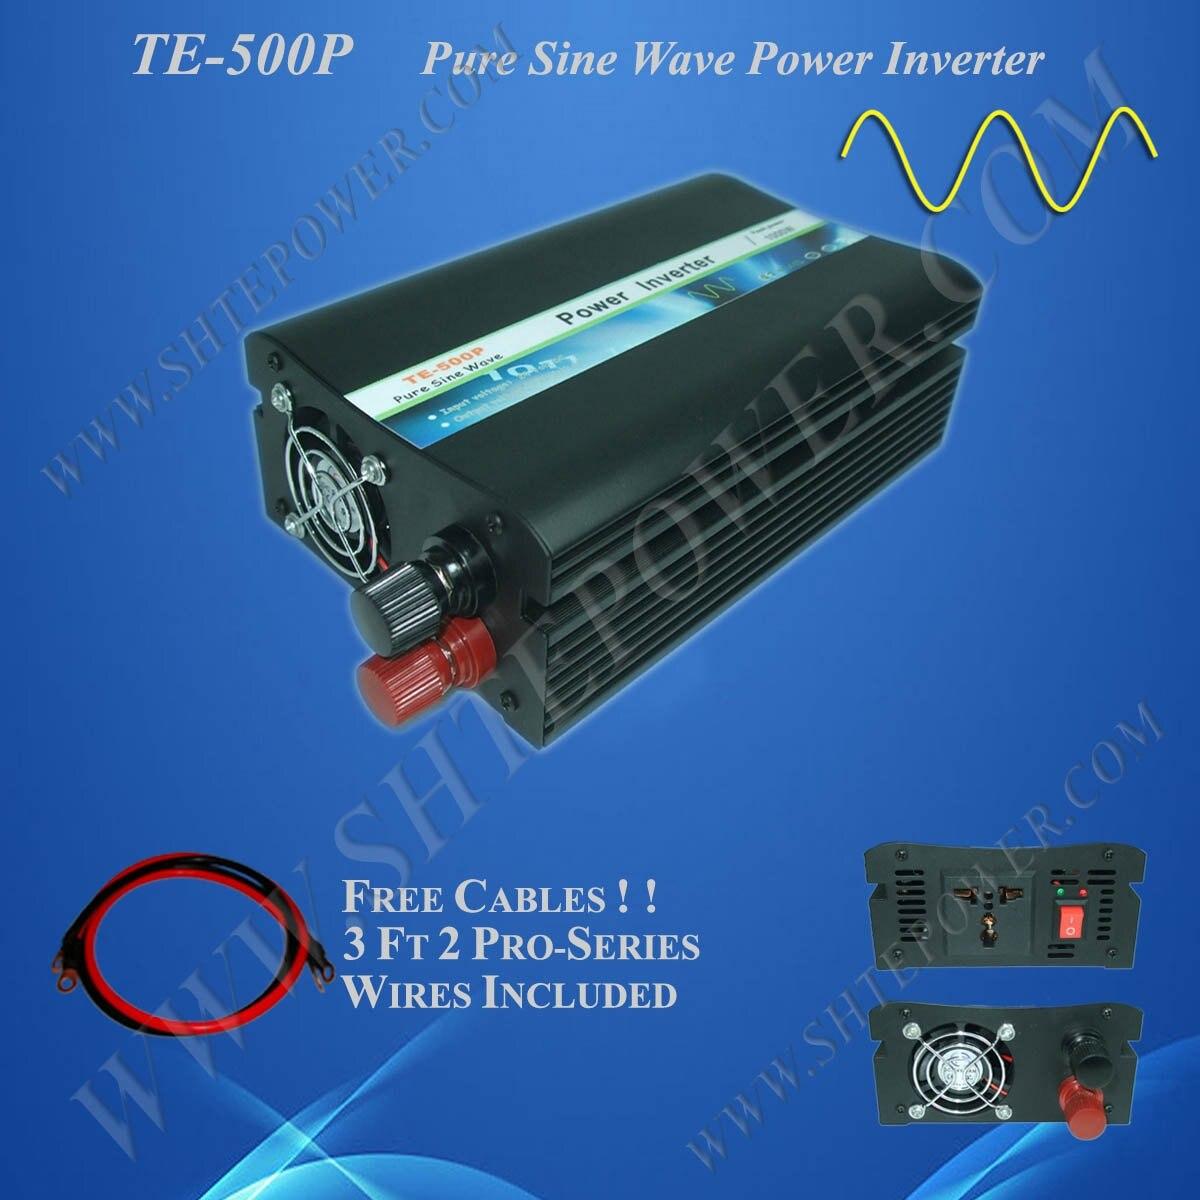 Hot-vente 500 w DC 48 v à AC 100 v/110 v/120 v pur onduleur à onde sinusoïdale